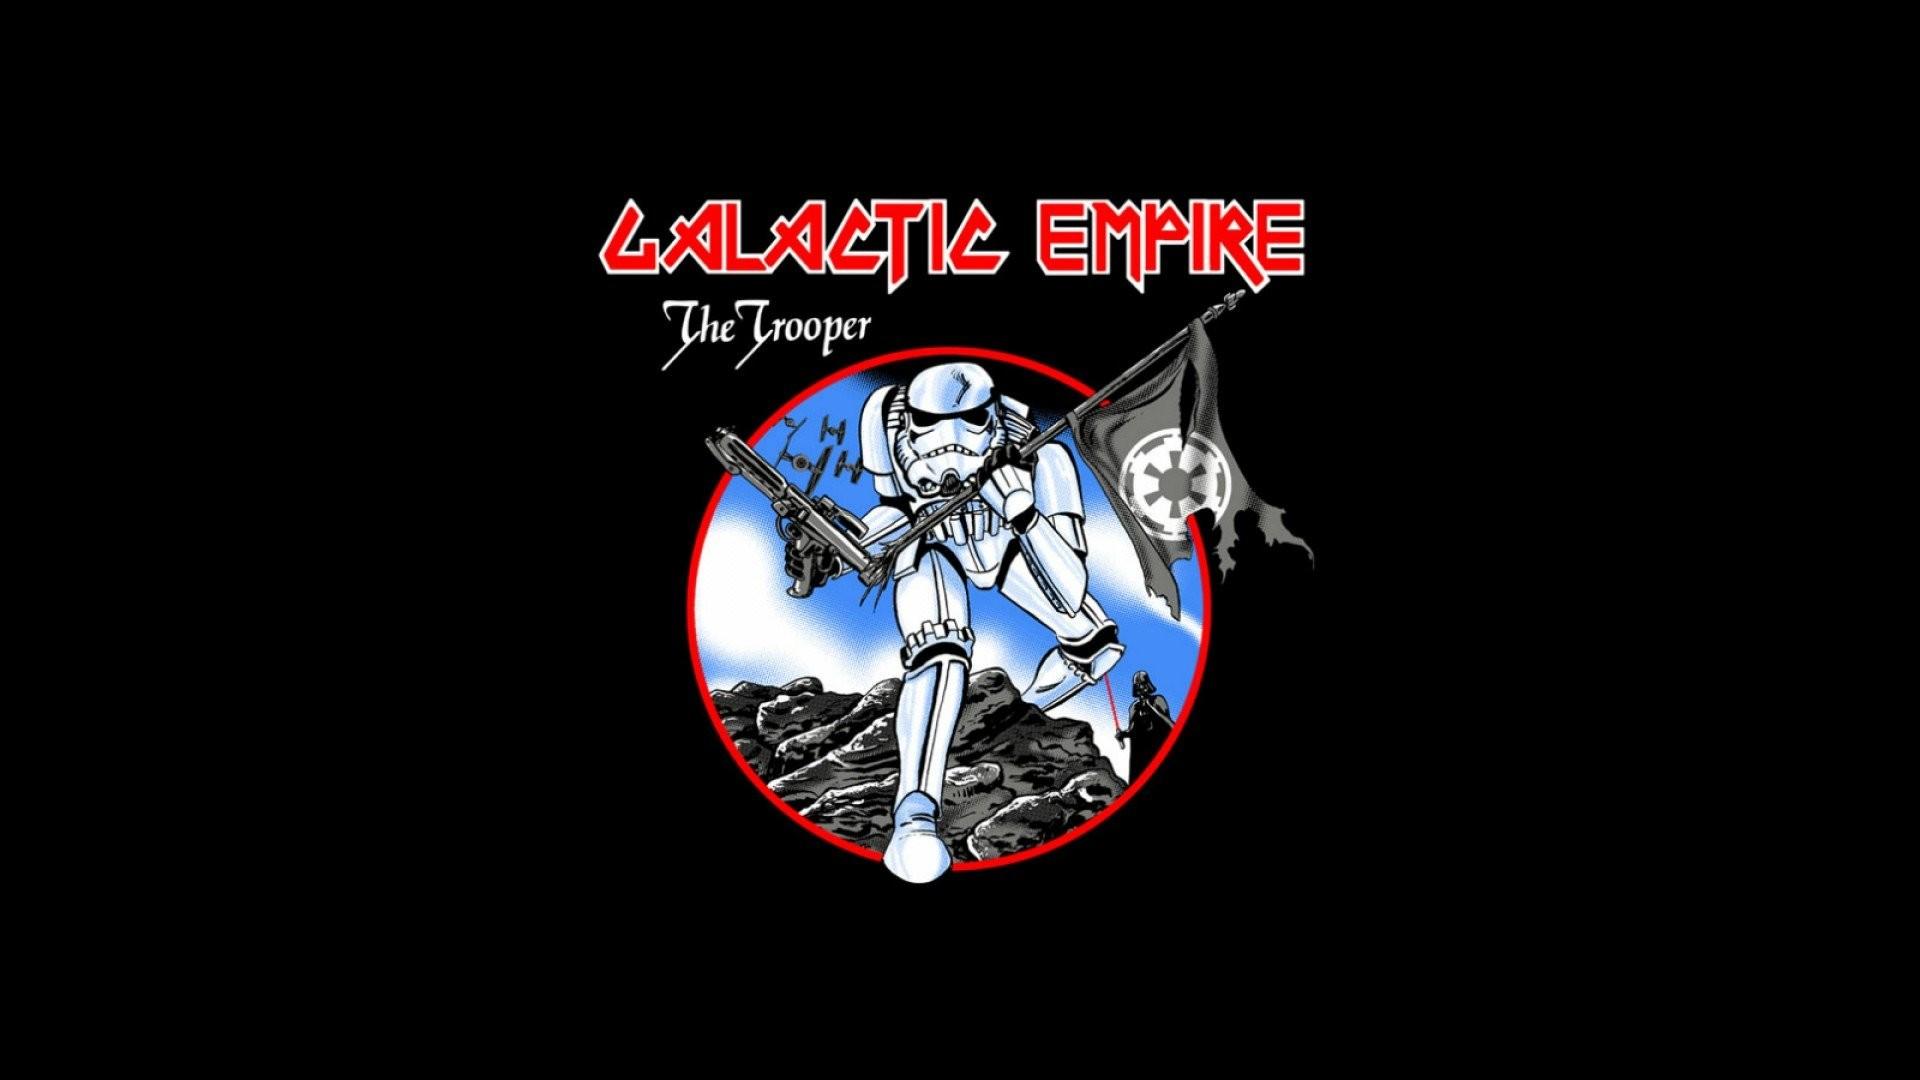 Iron Maiden The Trooper Wallpapers Desktop ~ Sdeerwallpaper · Wallpaper  DesktopStar Wars …